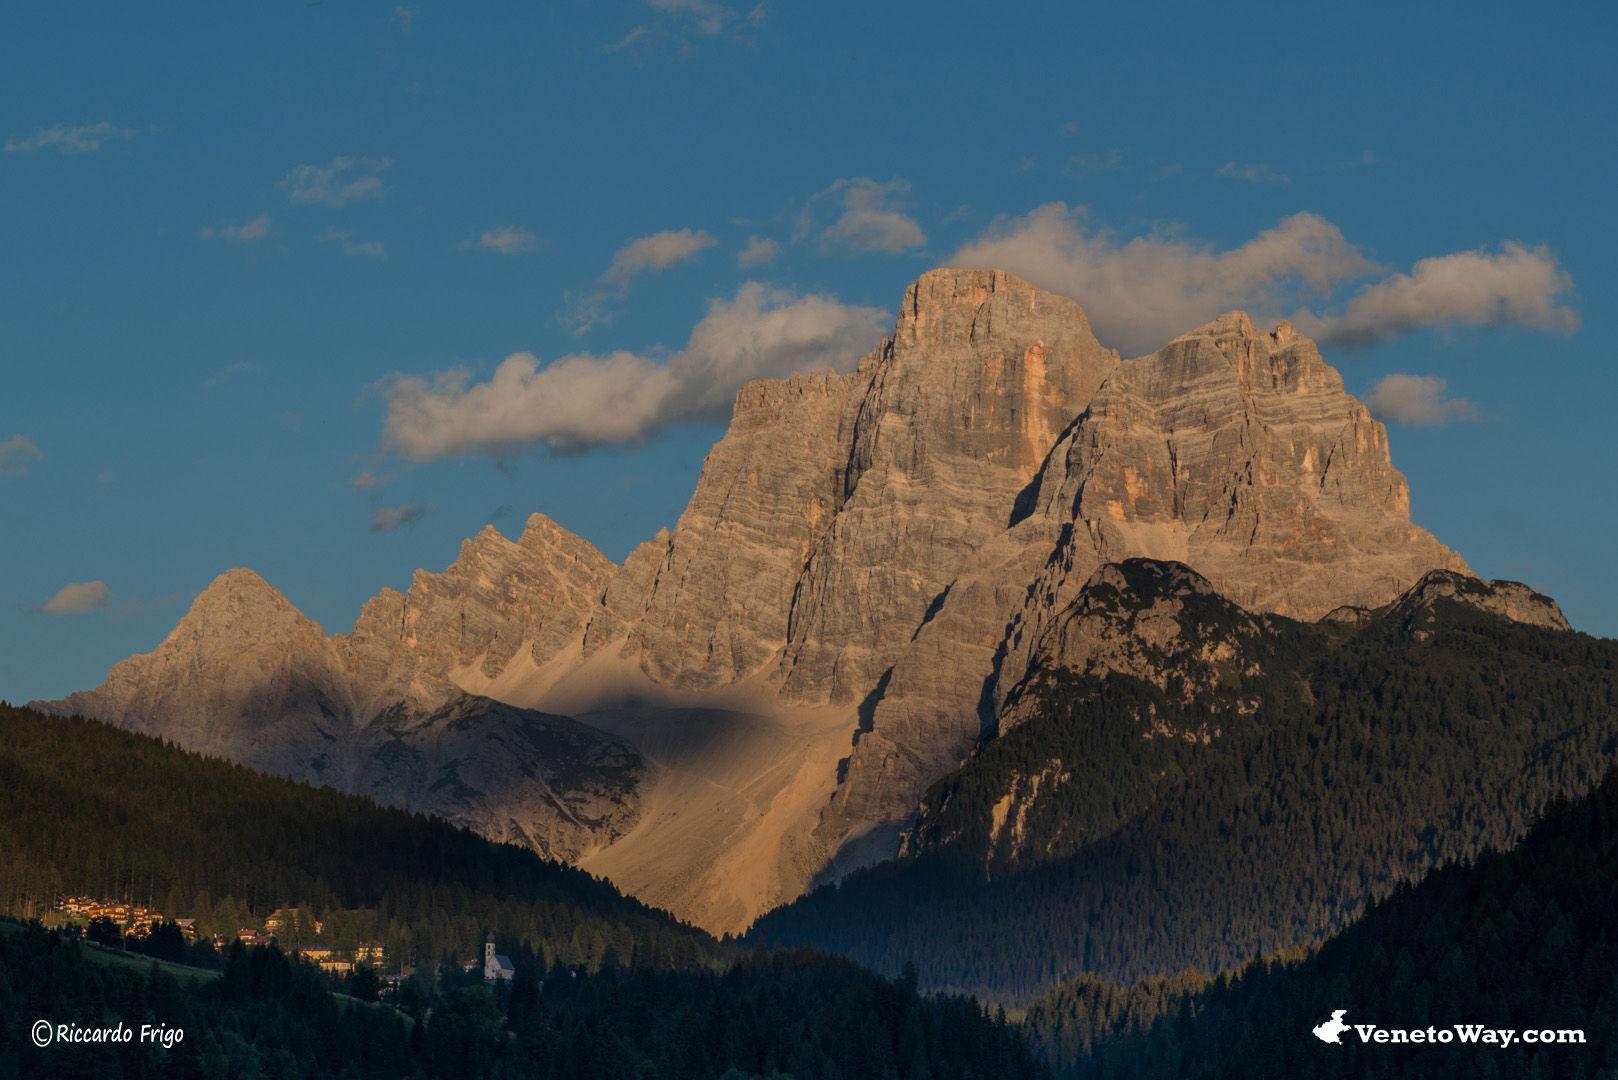 Gruppo del Pelmo - Dolomiti di Zoldo